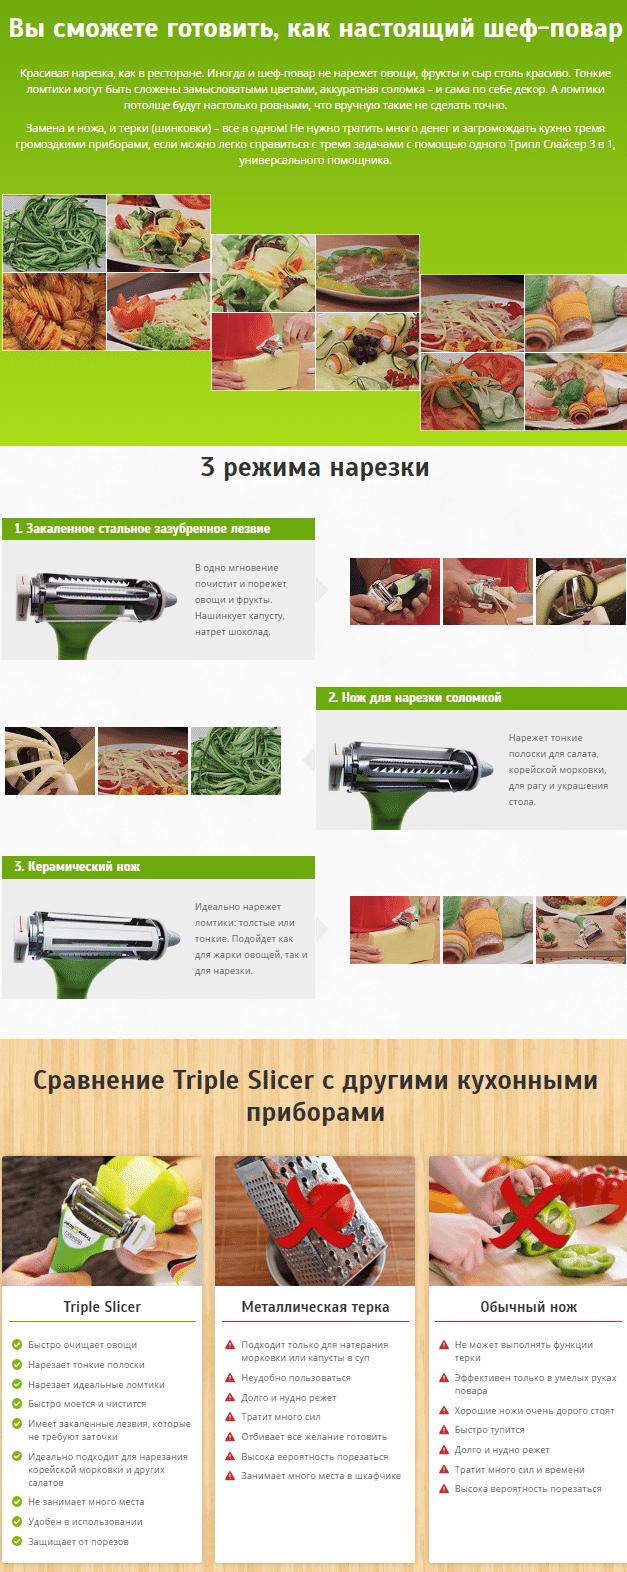 Triple Slicer для нарезки овощей и фруктов купить